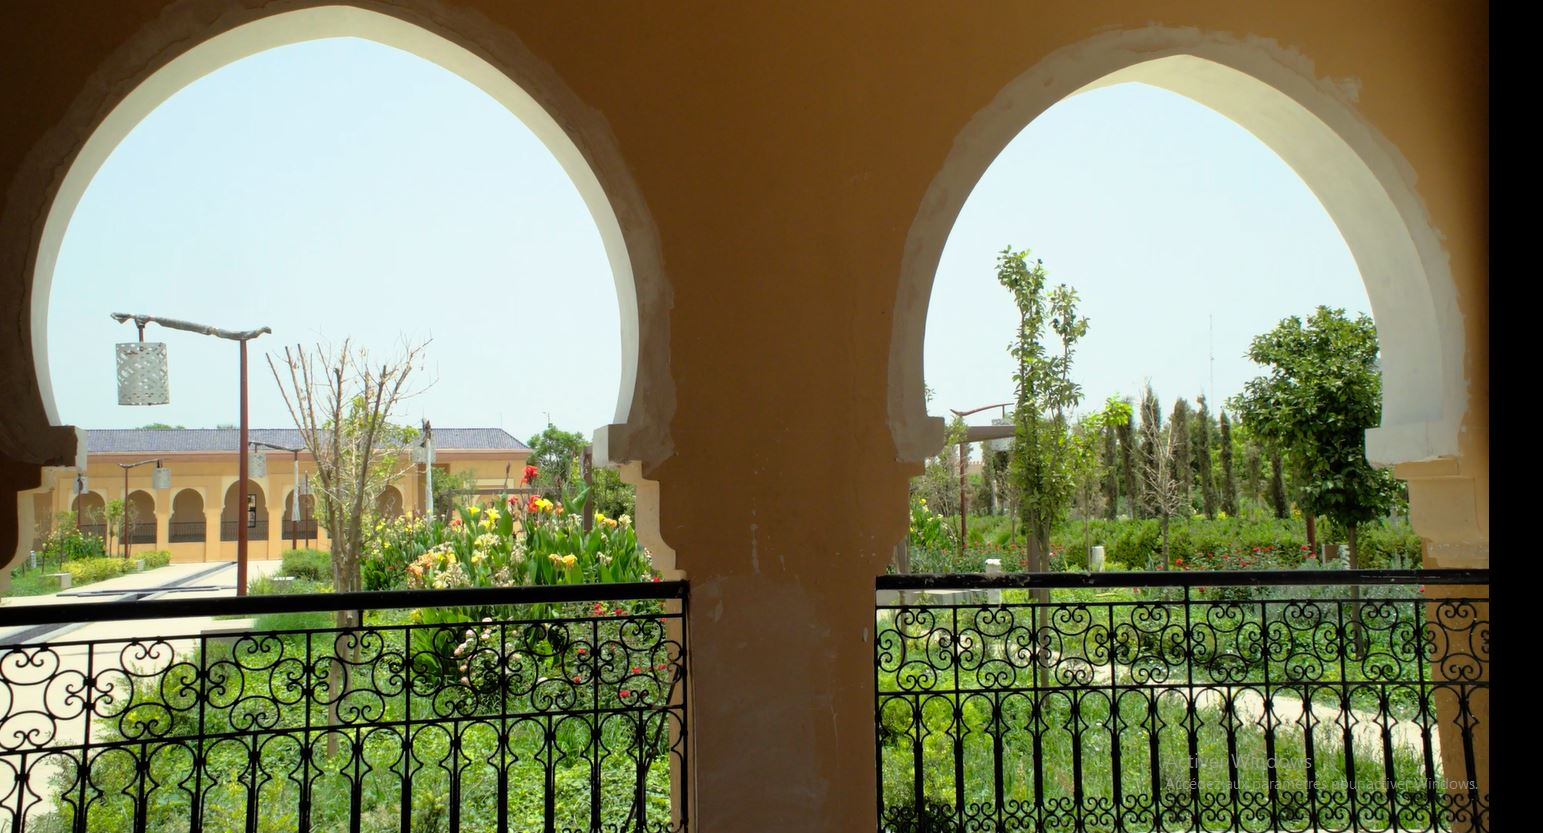 Réhabilitation urbaine des quartiers de la ville de Marrakech